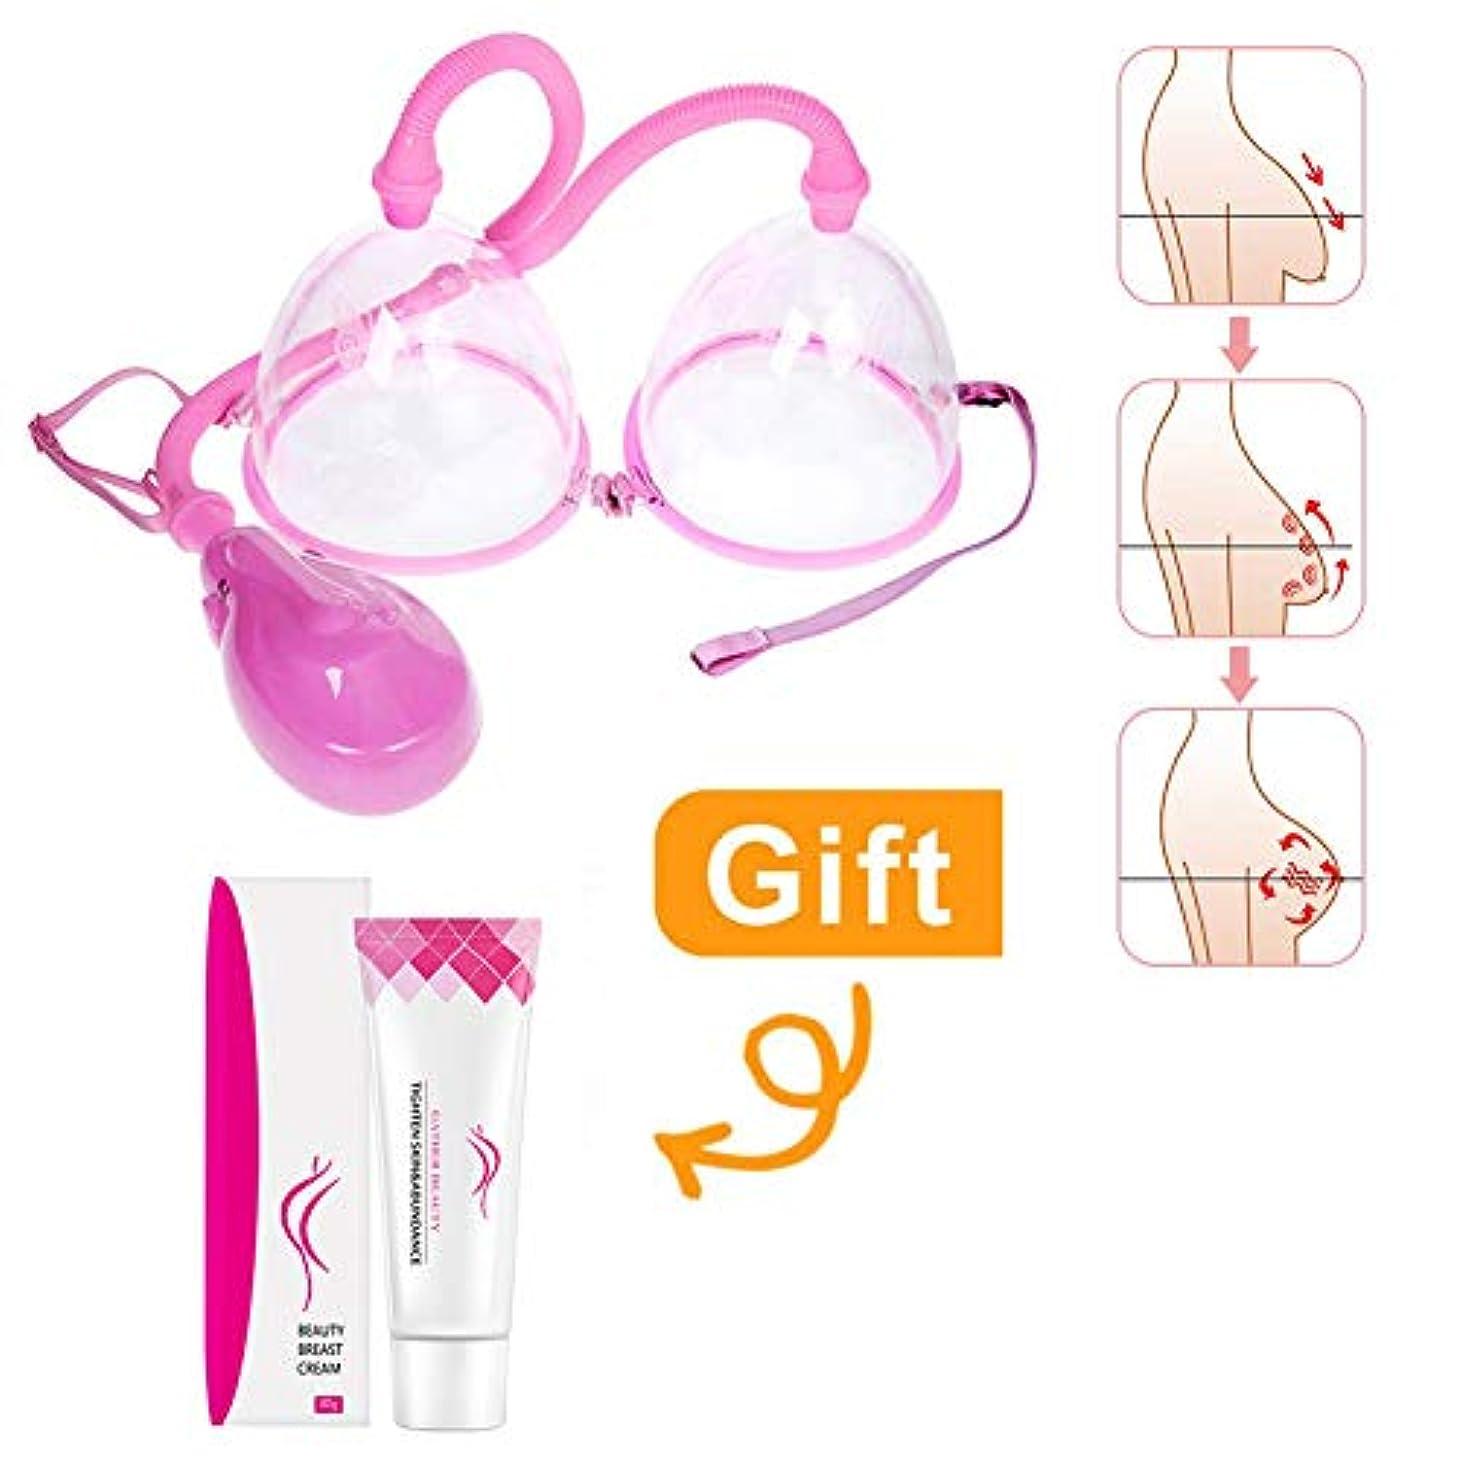 かろうじてお父さん化学薬品電気胸部マッサージ器は乳房増強器具胸の拡大クリームを持つ女性のための拡大女性胸カップ,L